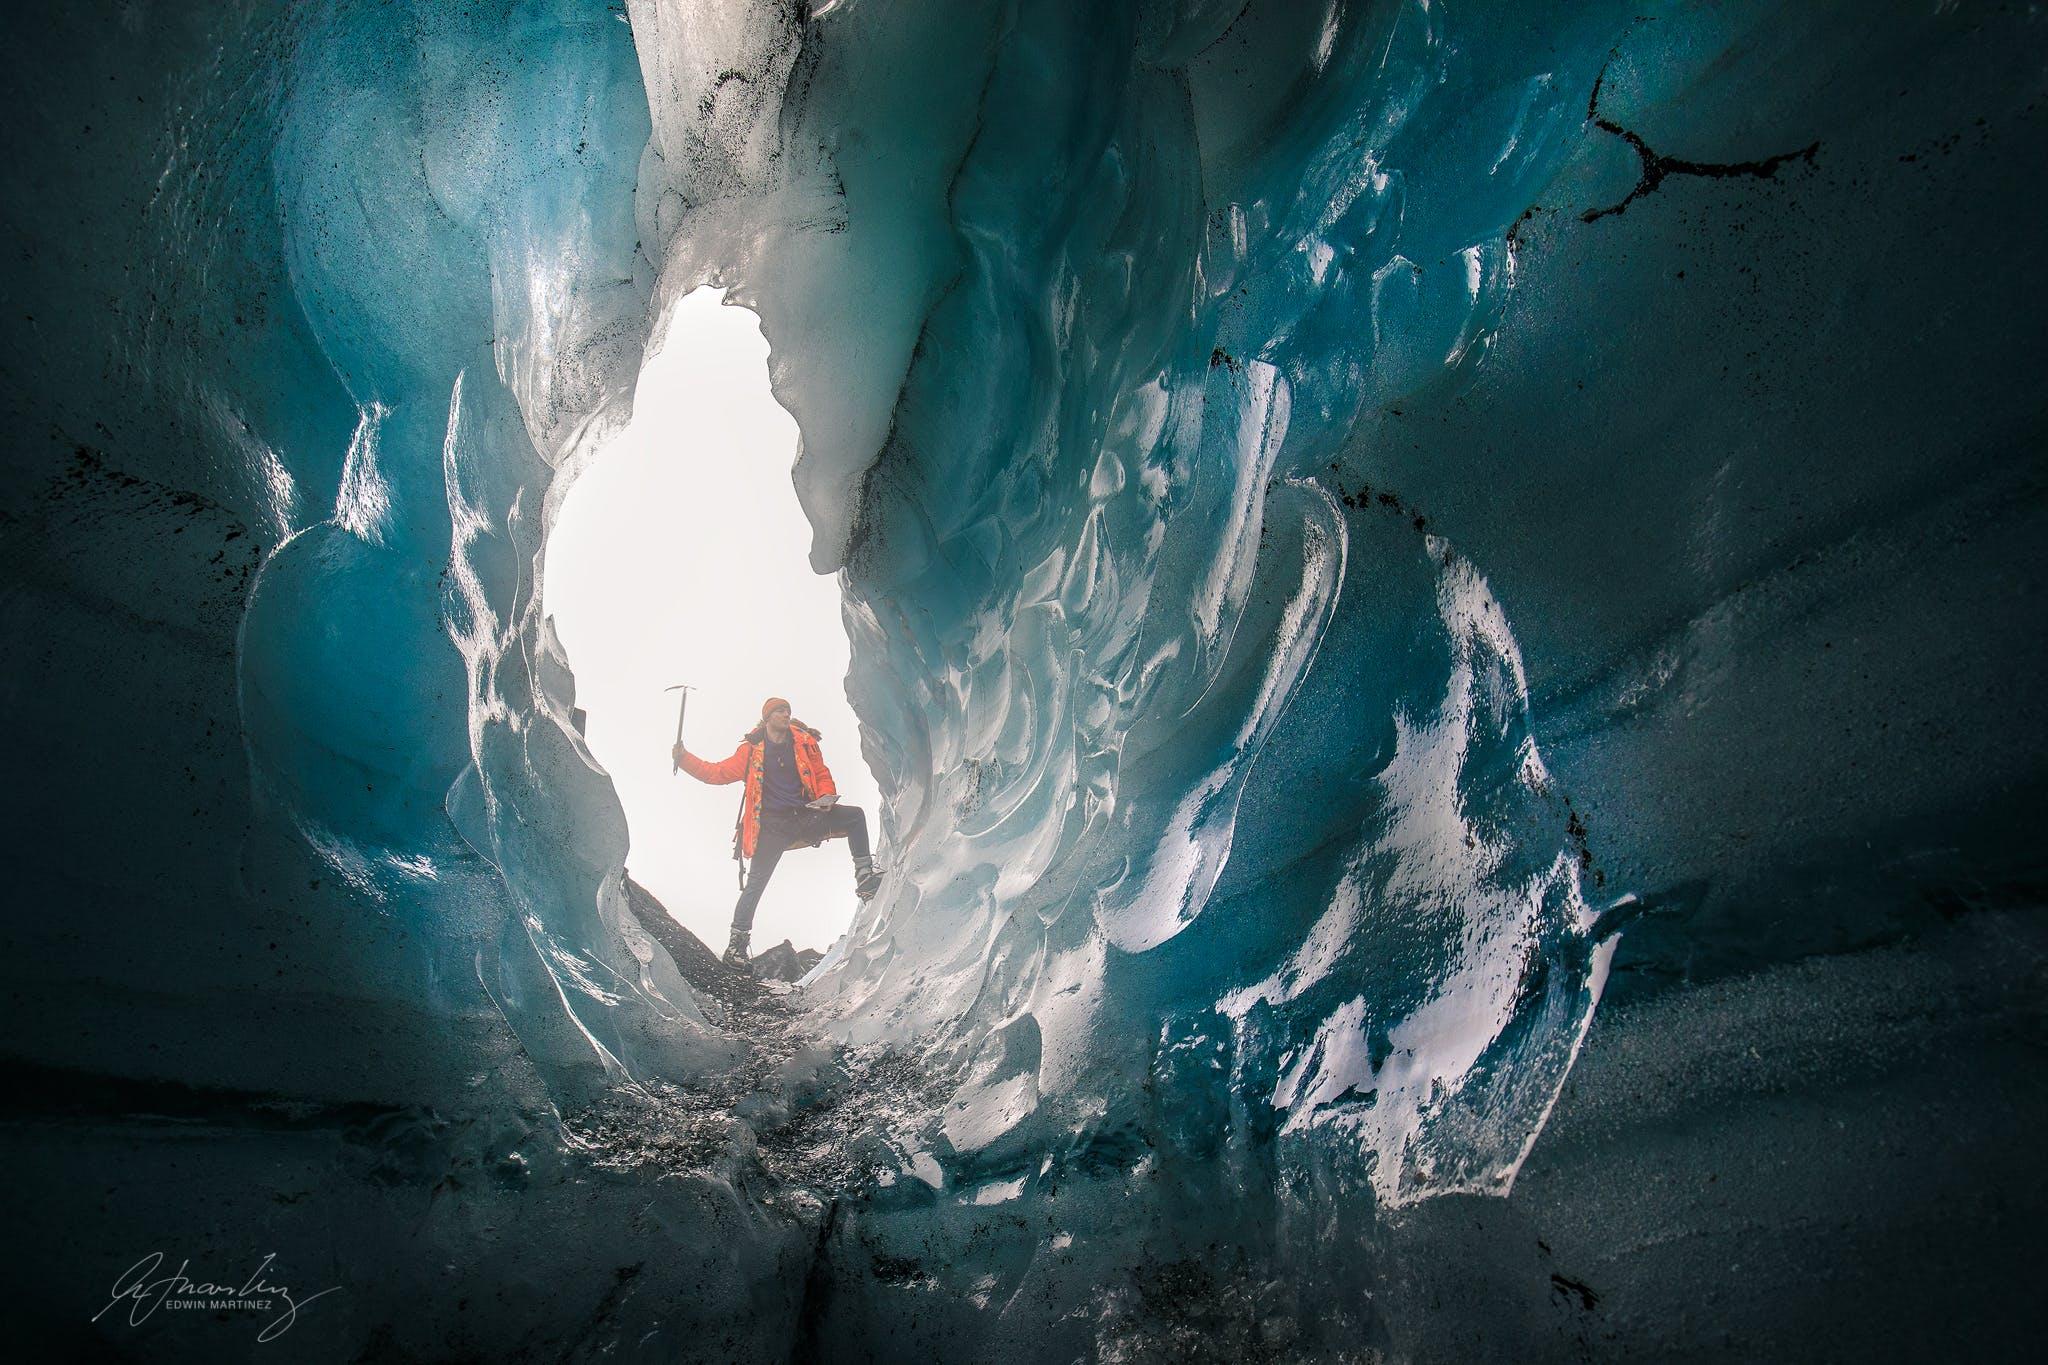 索尔黑马冰川(Sólheimakjökull)